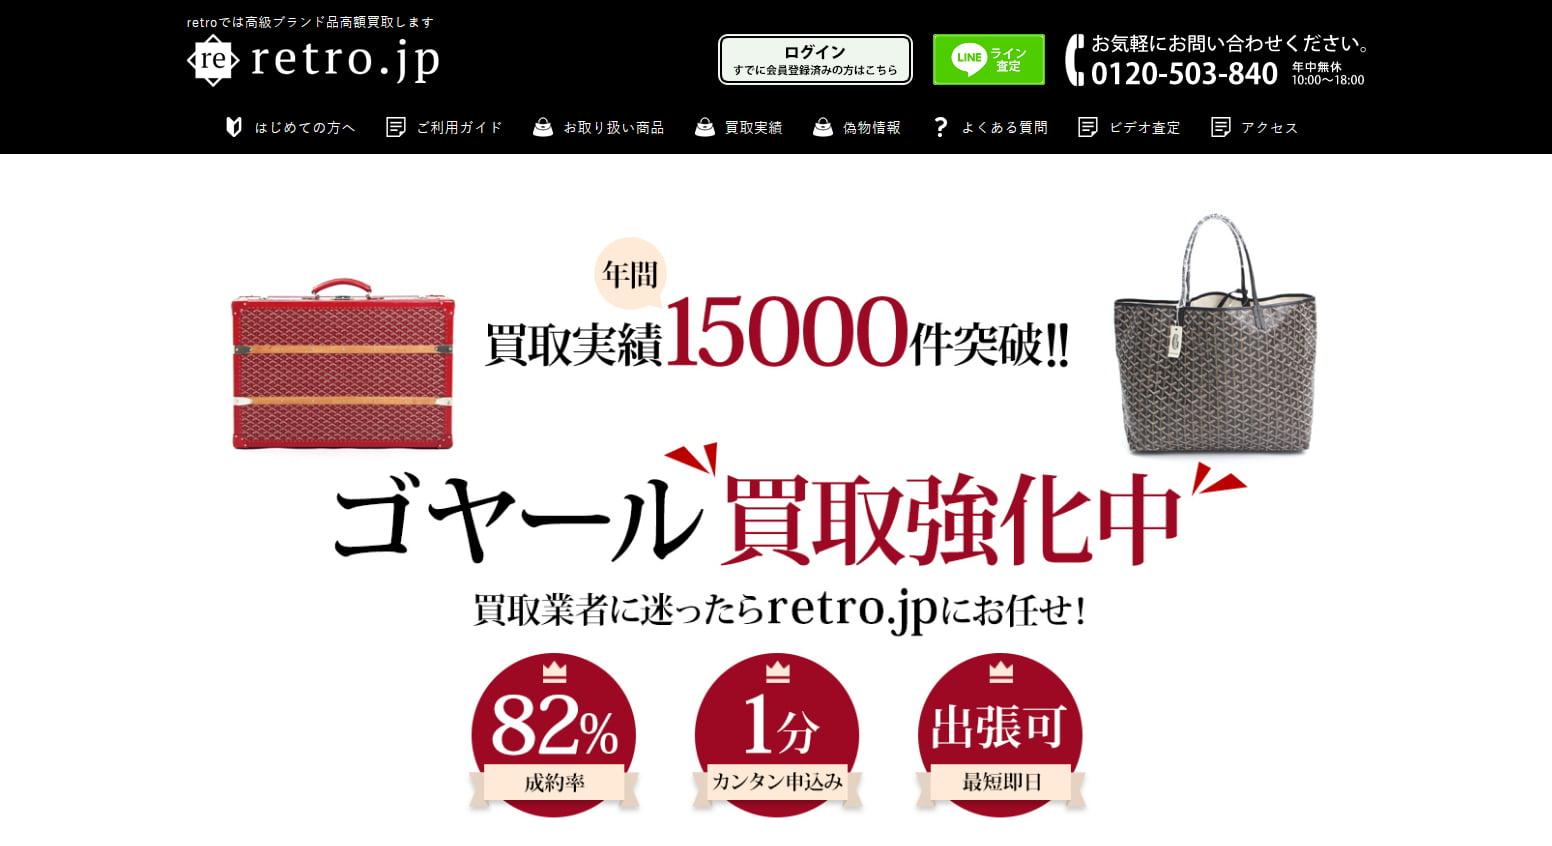 ゴヤール買取おすすめ店retro.jp